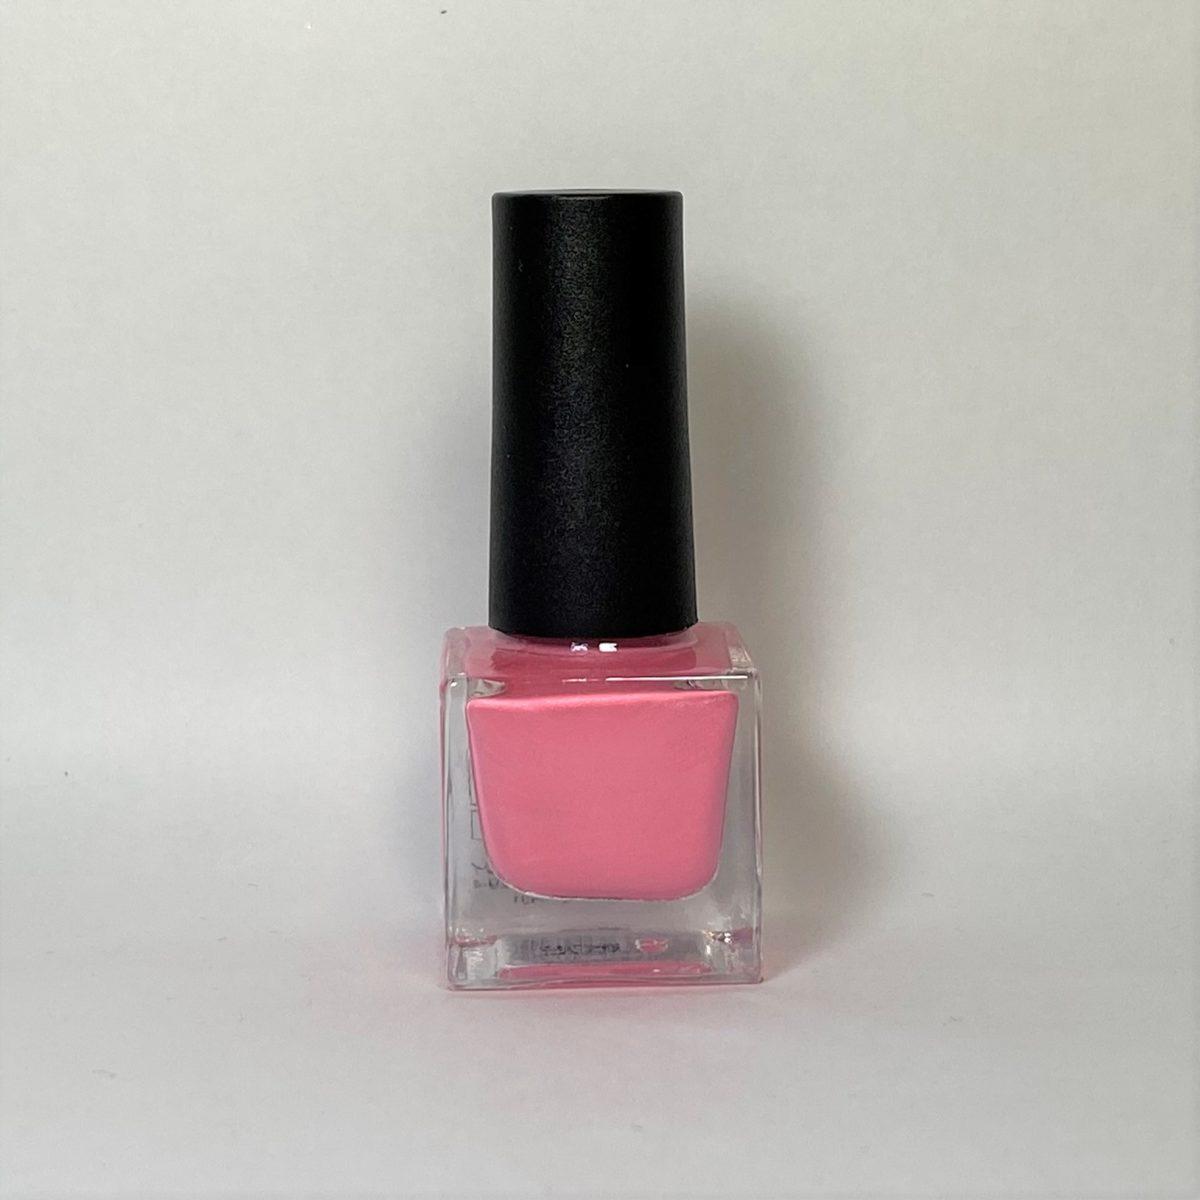 ネイルポリッシュ R16 Light Pink